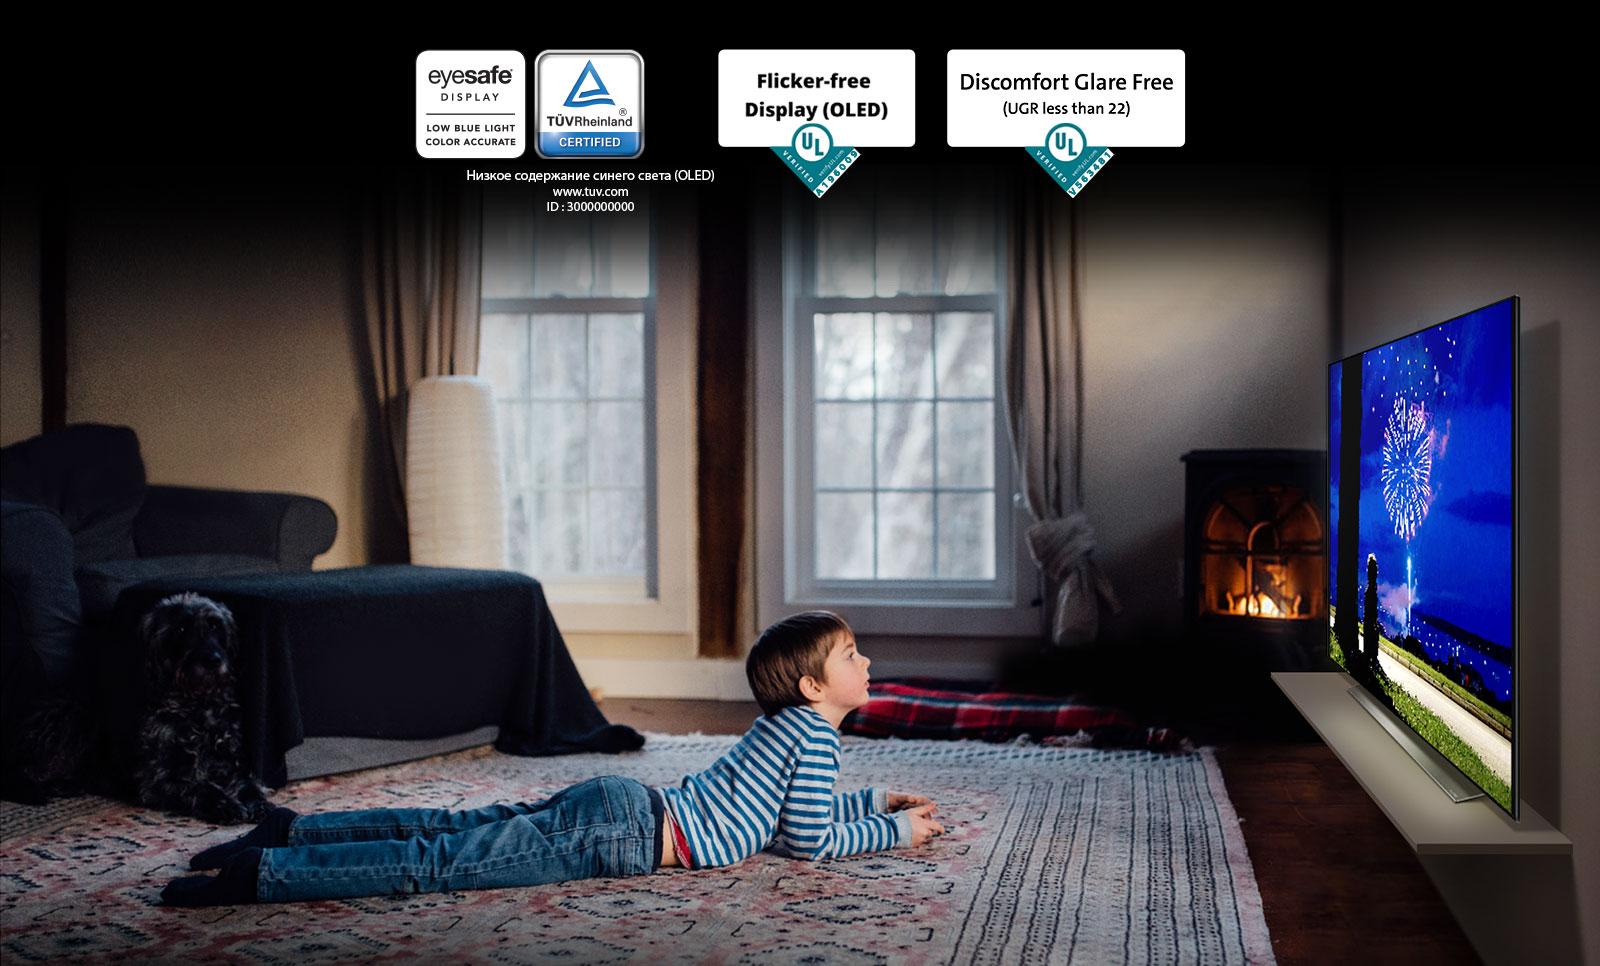 Это карточка, описывающая «Дисплей, комфортный для глаз». Сцена c изображением лежащего мальчика, который смотрит телевизор. Четыре логотипа для сертификации «Дисплея, комфортного для глаз».